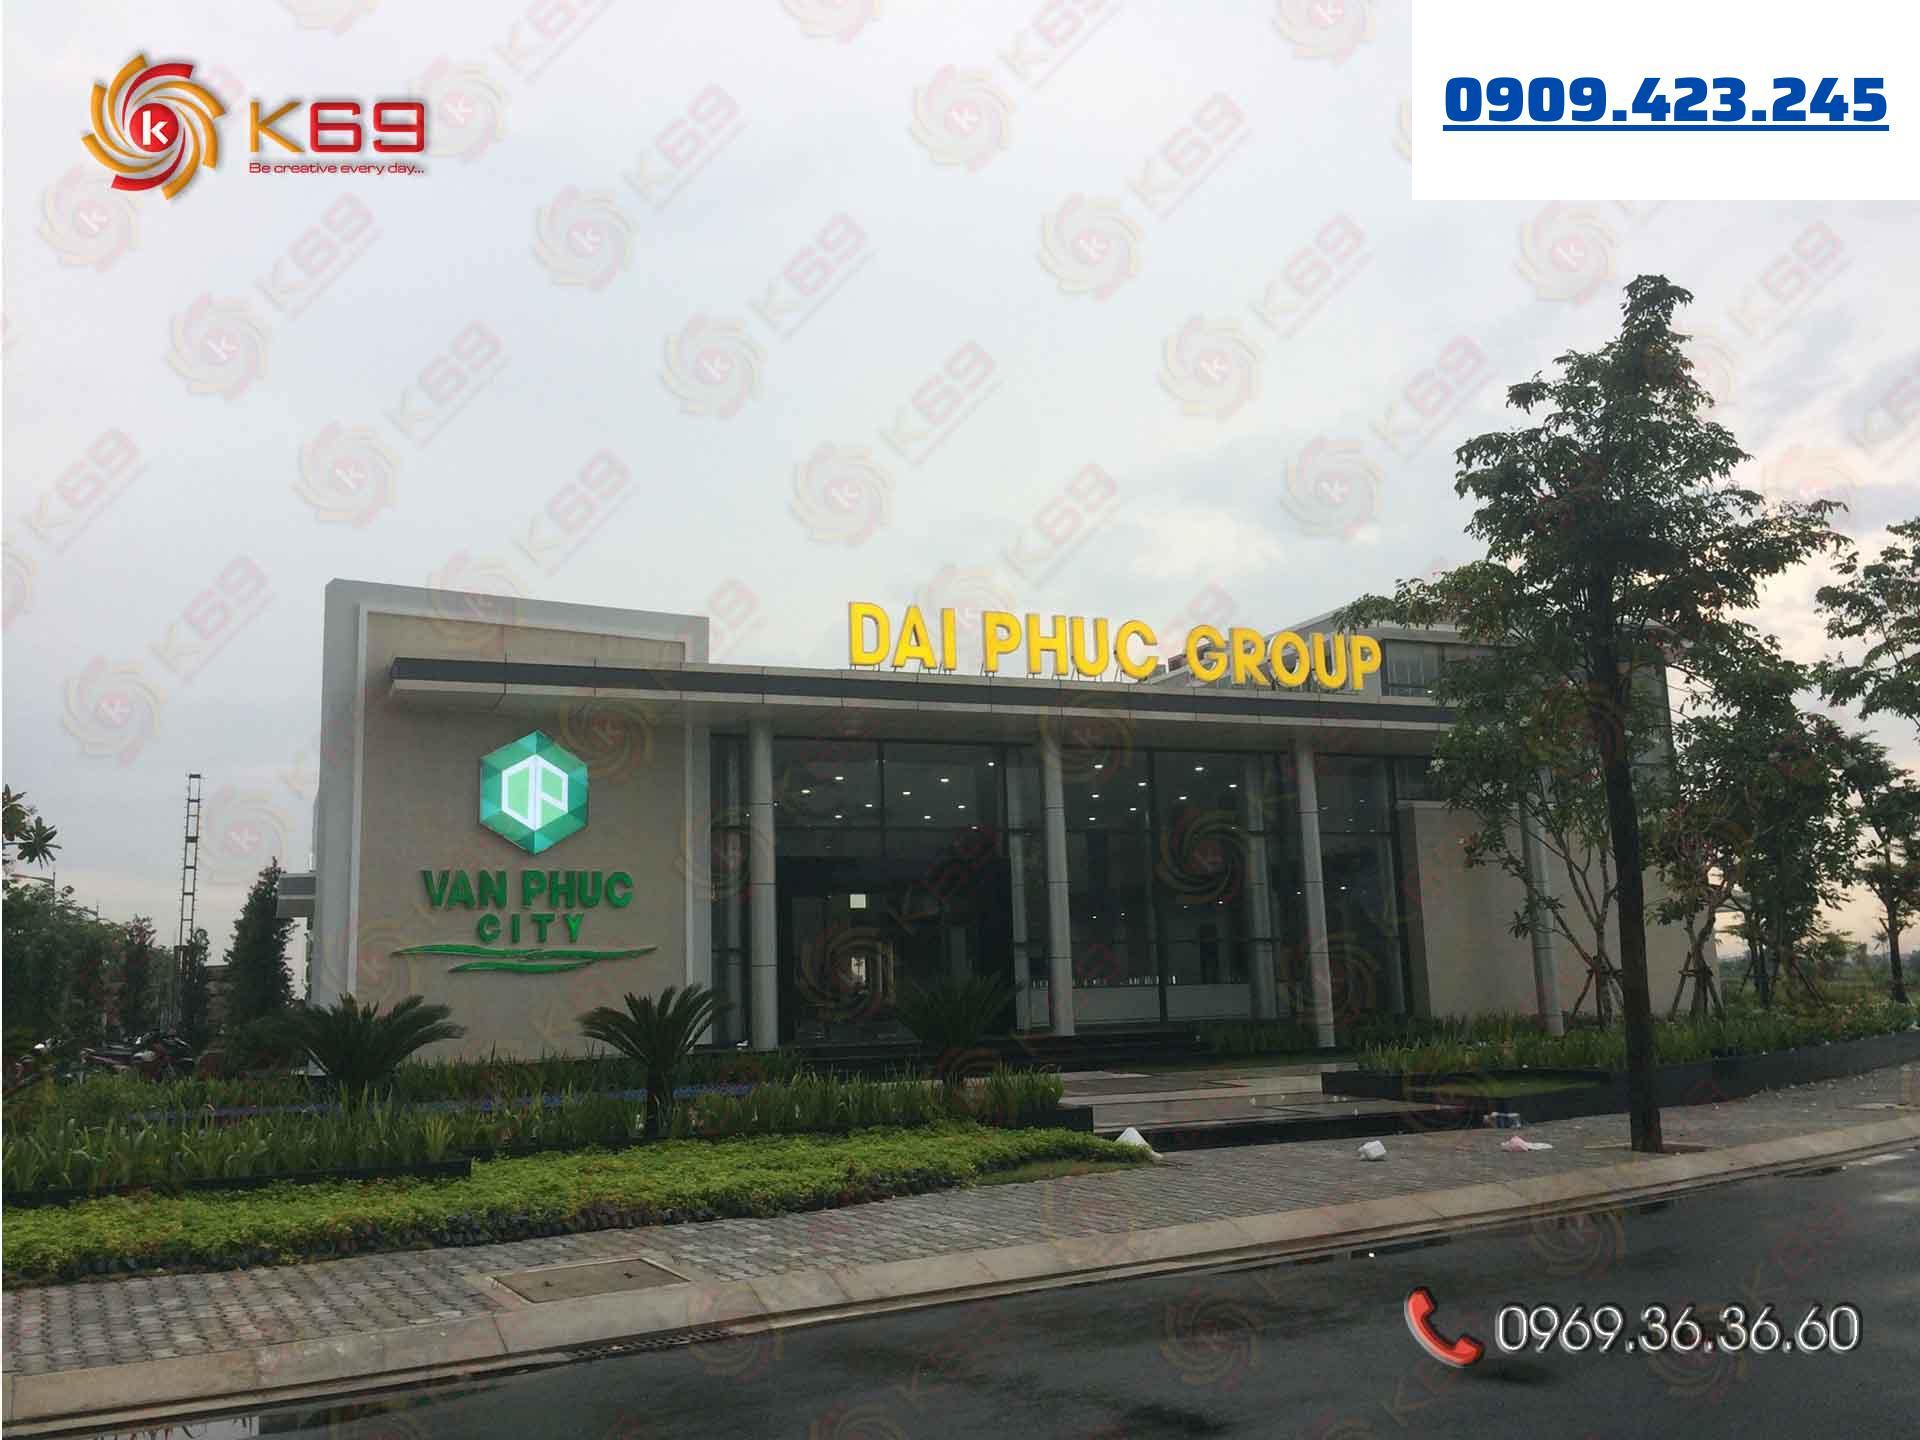 Mẫu bảng hiệu công ty bds Vạn Phuc đẹp tại K69adv